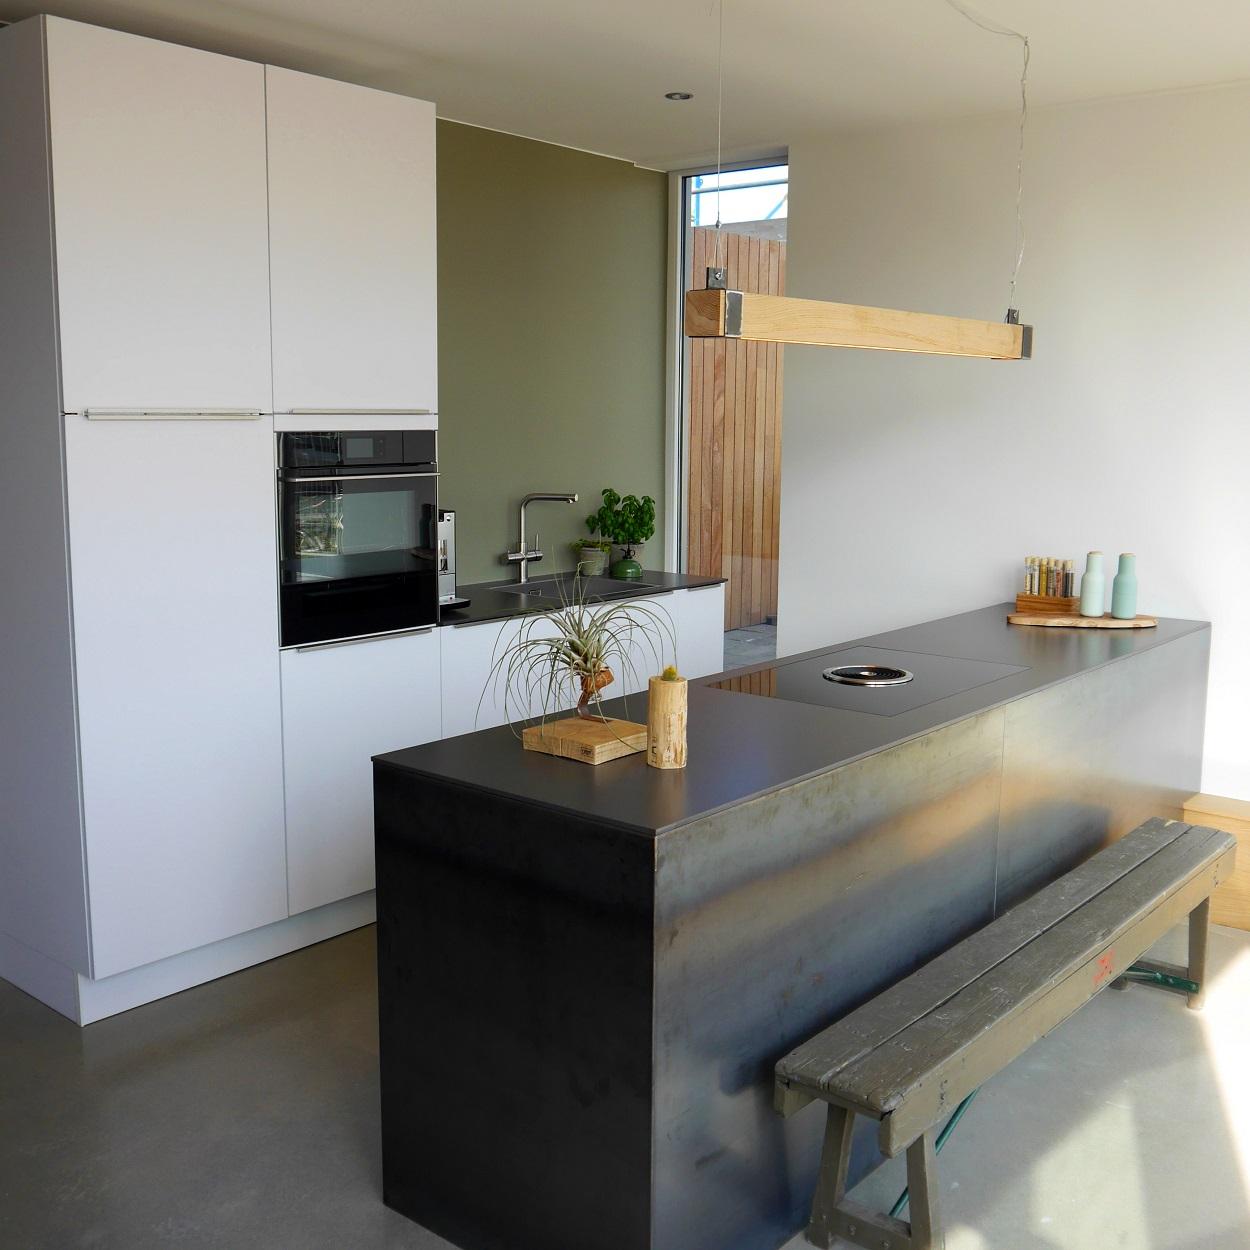 Houten balklamp 39 woodlight 39 indusigns for Industriele lamp keuken